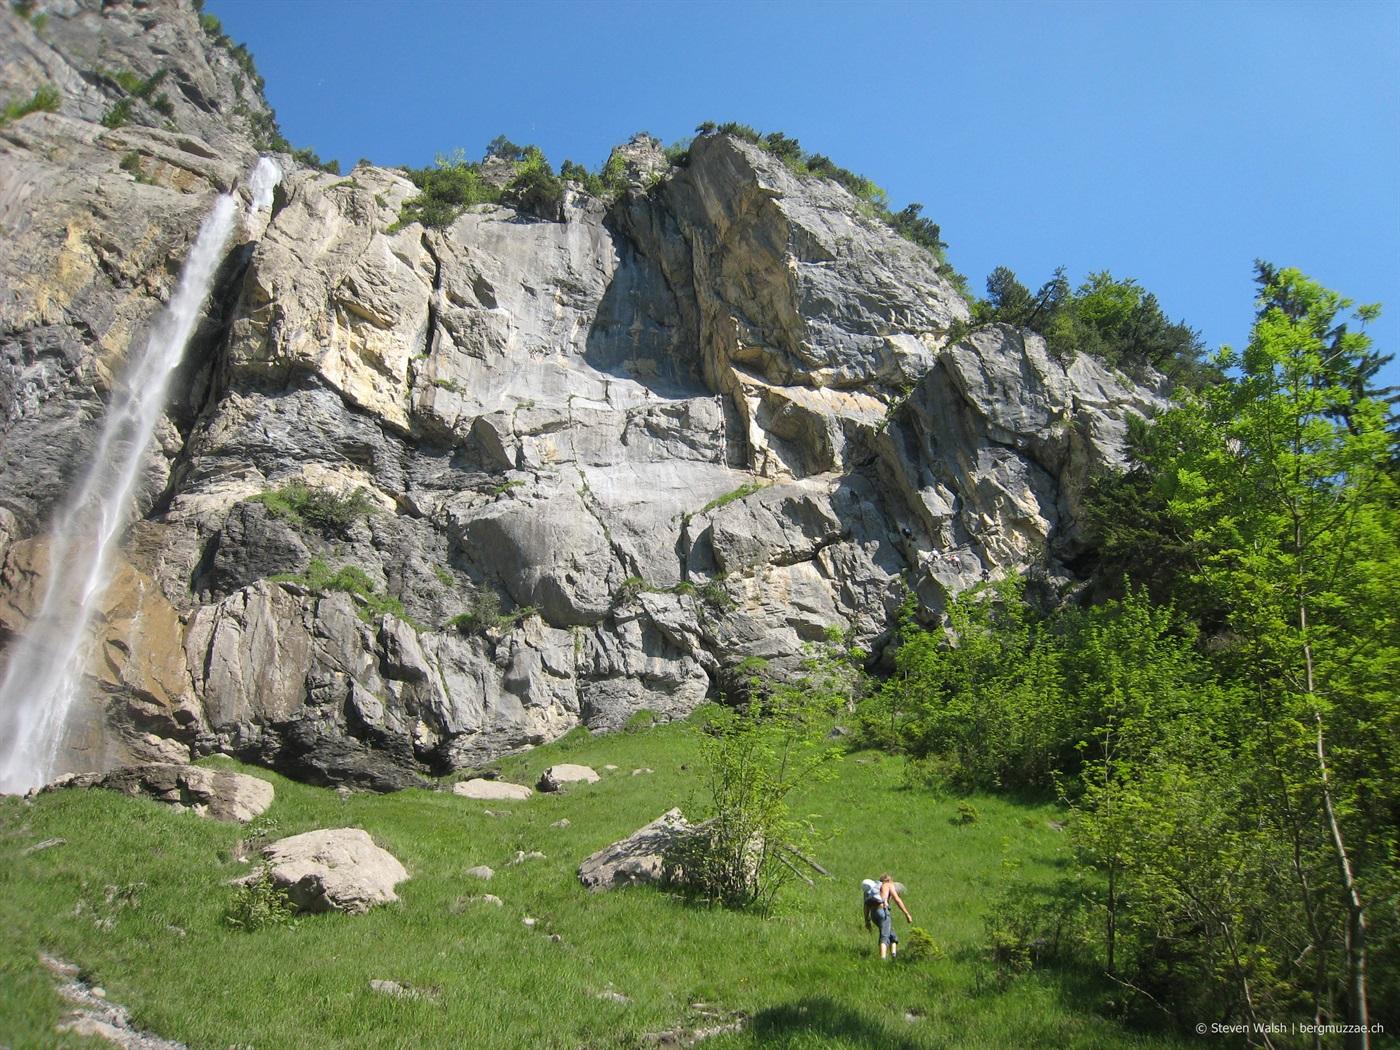 Klettersteig Allmenalp : Allmenalp klettersteig m bergmuzzae